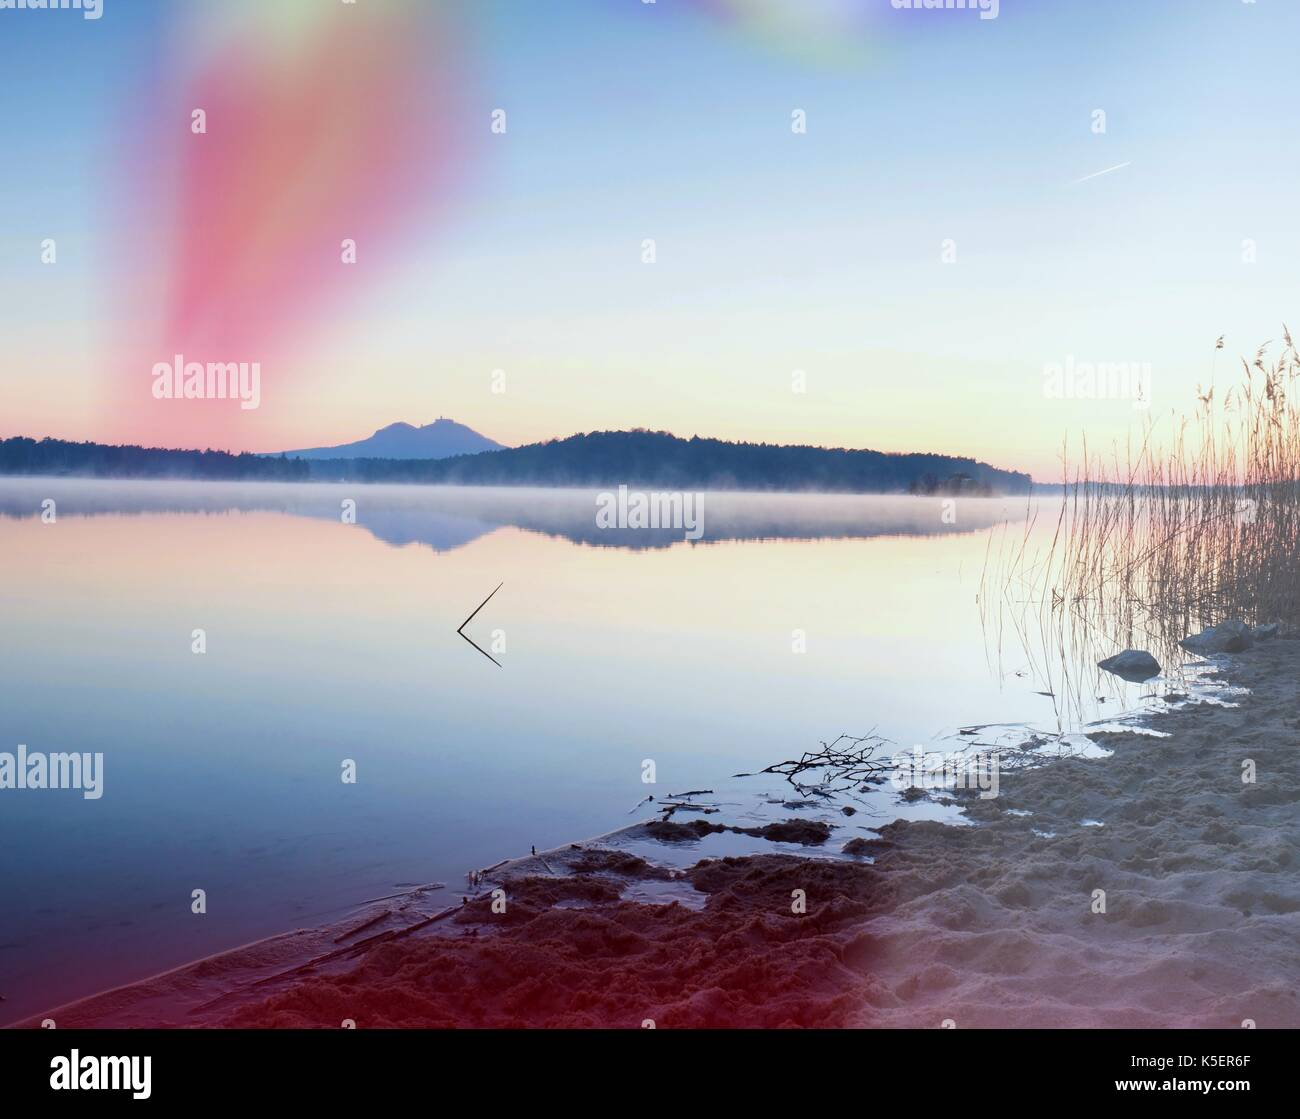 Hermoso amanecer en playa vacía, isla del mar mediterráneo. Tranquilo nivel de agua hace de espejo azul Foto de stock